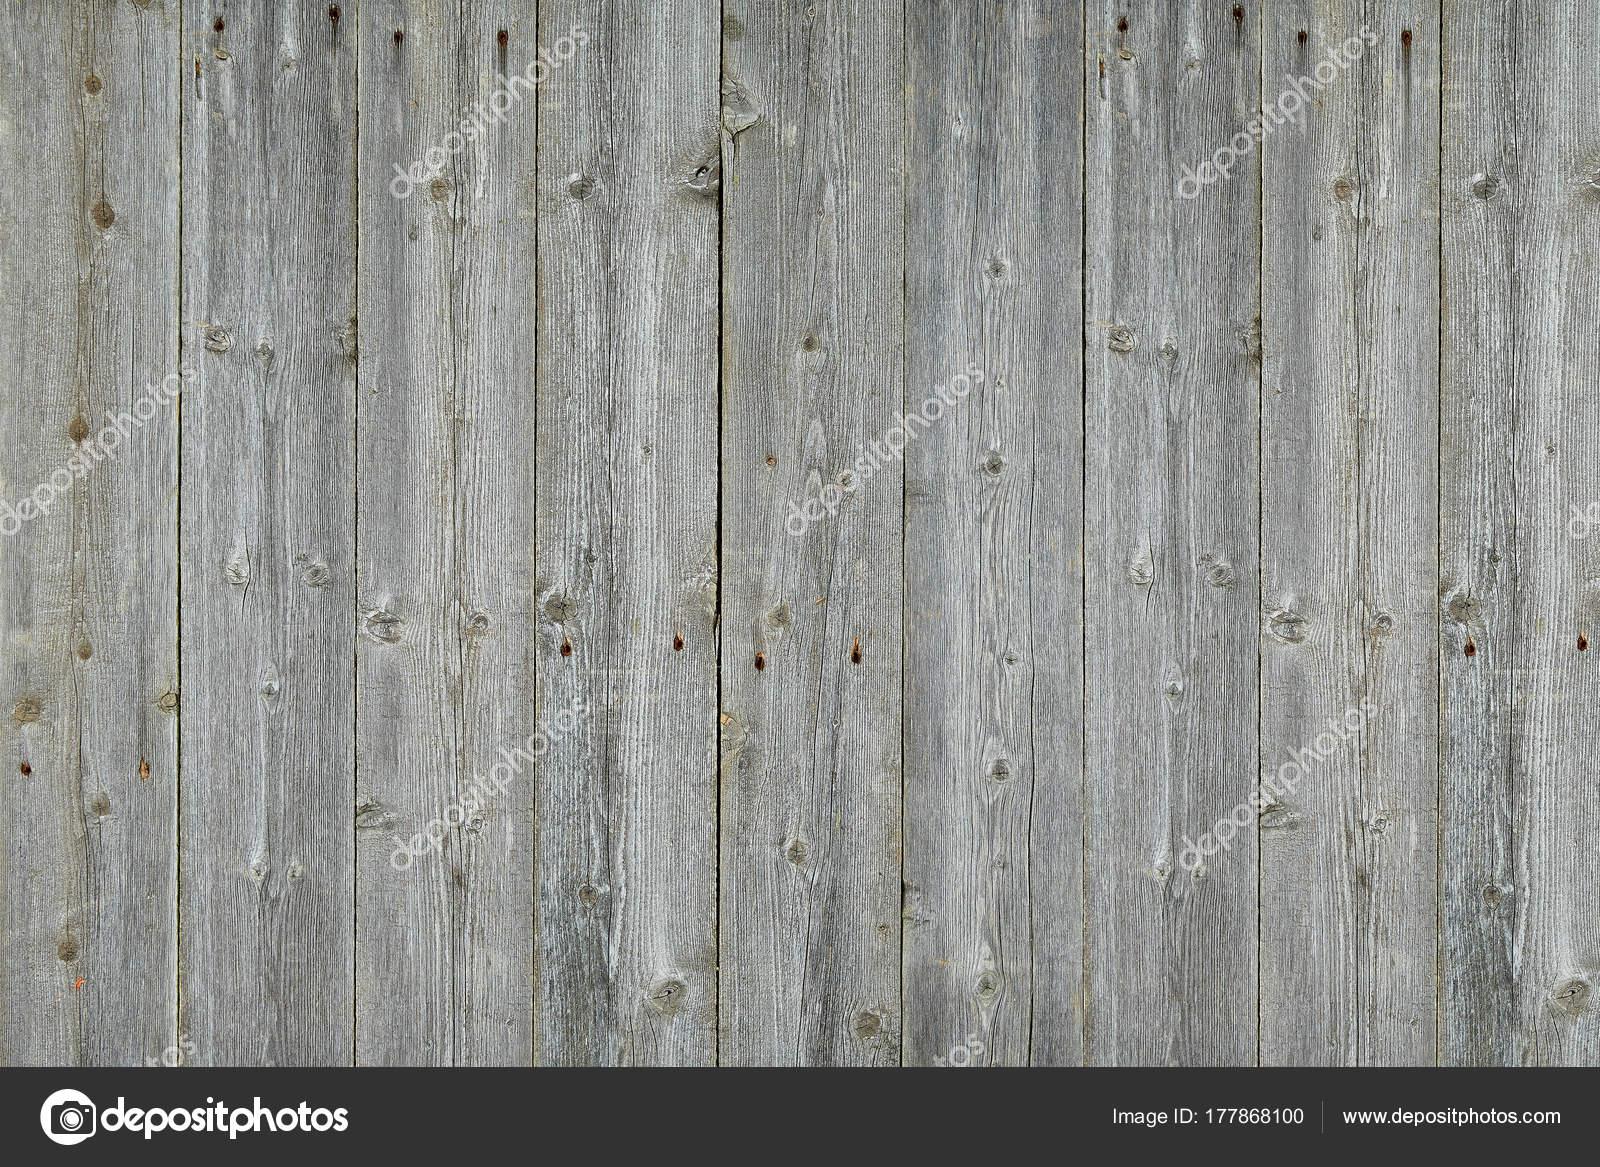 Doghe In Legno Per Pareti : Doghe grigio vecchia struttura di legno u foto stock evgenyjs